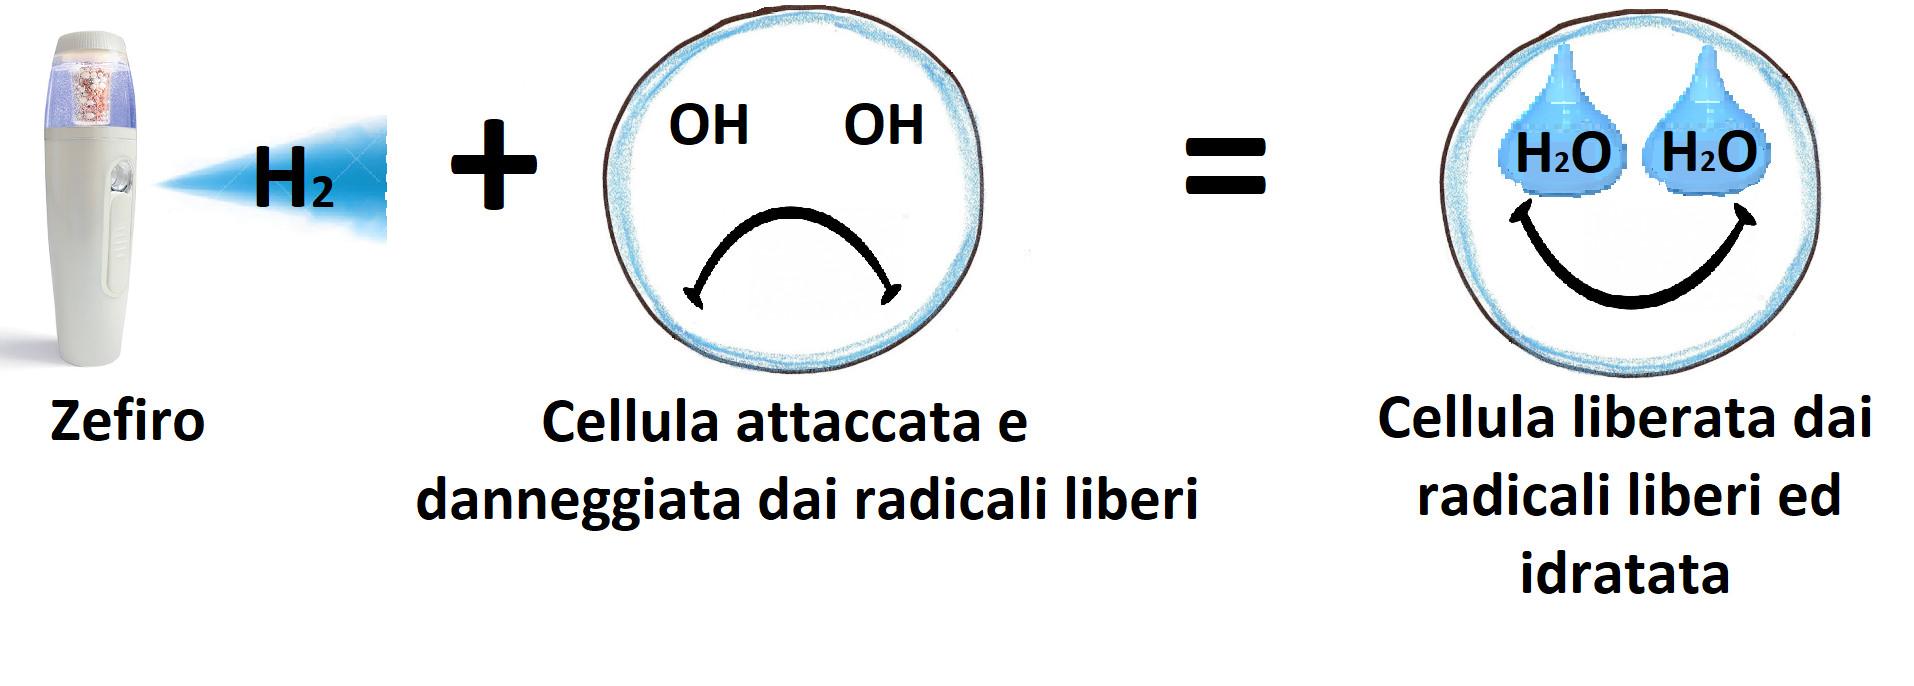 Ionizzatore-Multifunzione-Zefiro-Cellula-Libera-Dai-Radicali-Liberi